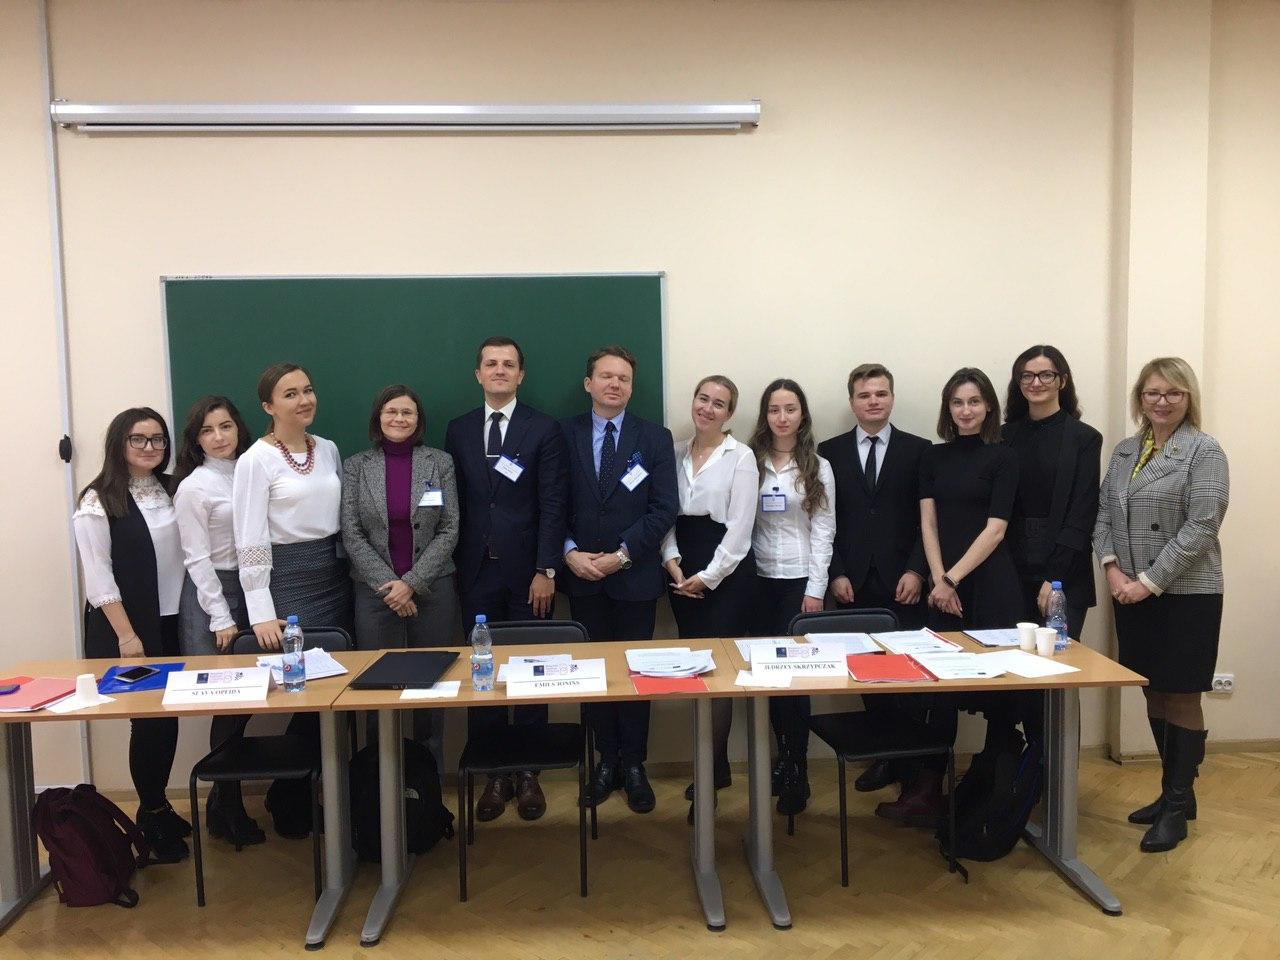 Студенты Факультету міжнародних відносин НАУ взяли участь у міжнародних судових дебатах Price Media Law Moot Court Competition.